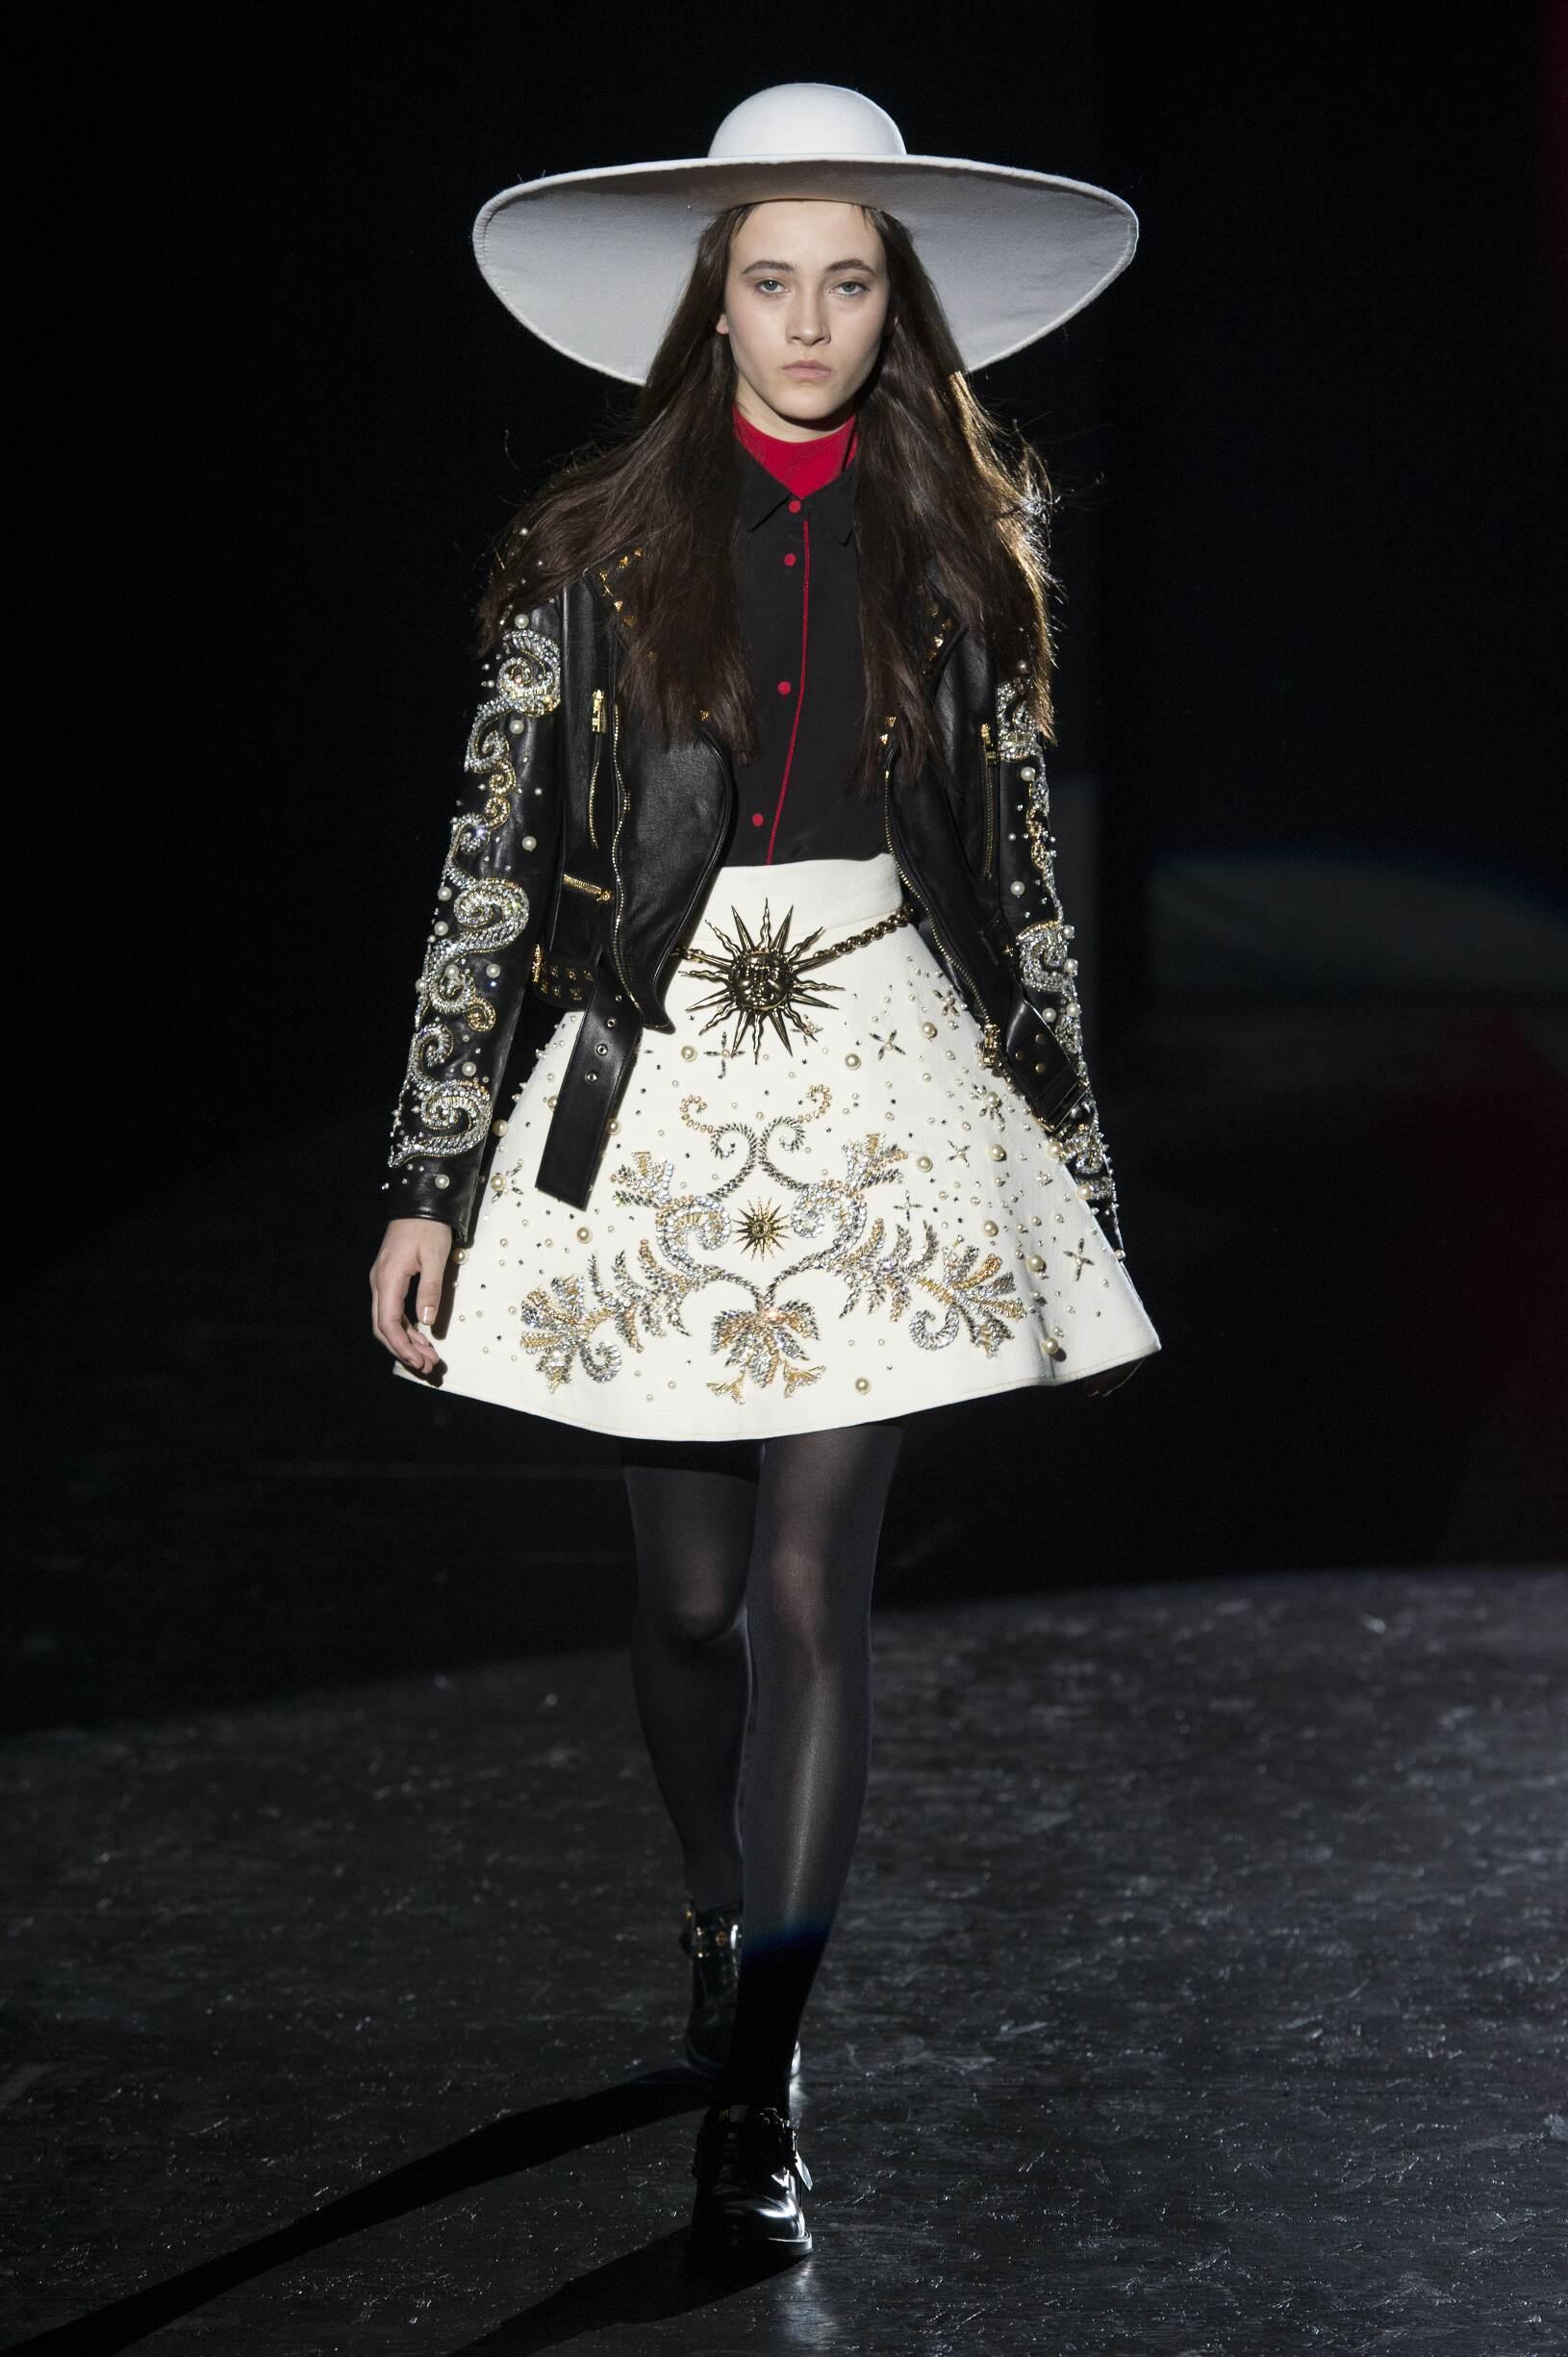 Fall Winter Fashion Trends Woman 2017-18 Fausto Puglisi